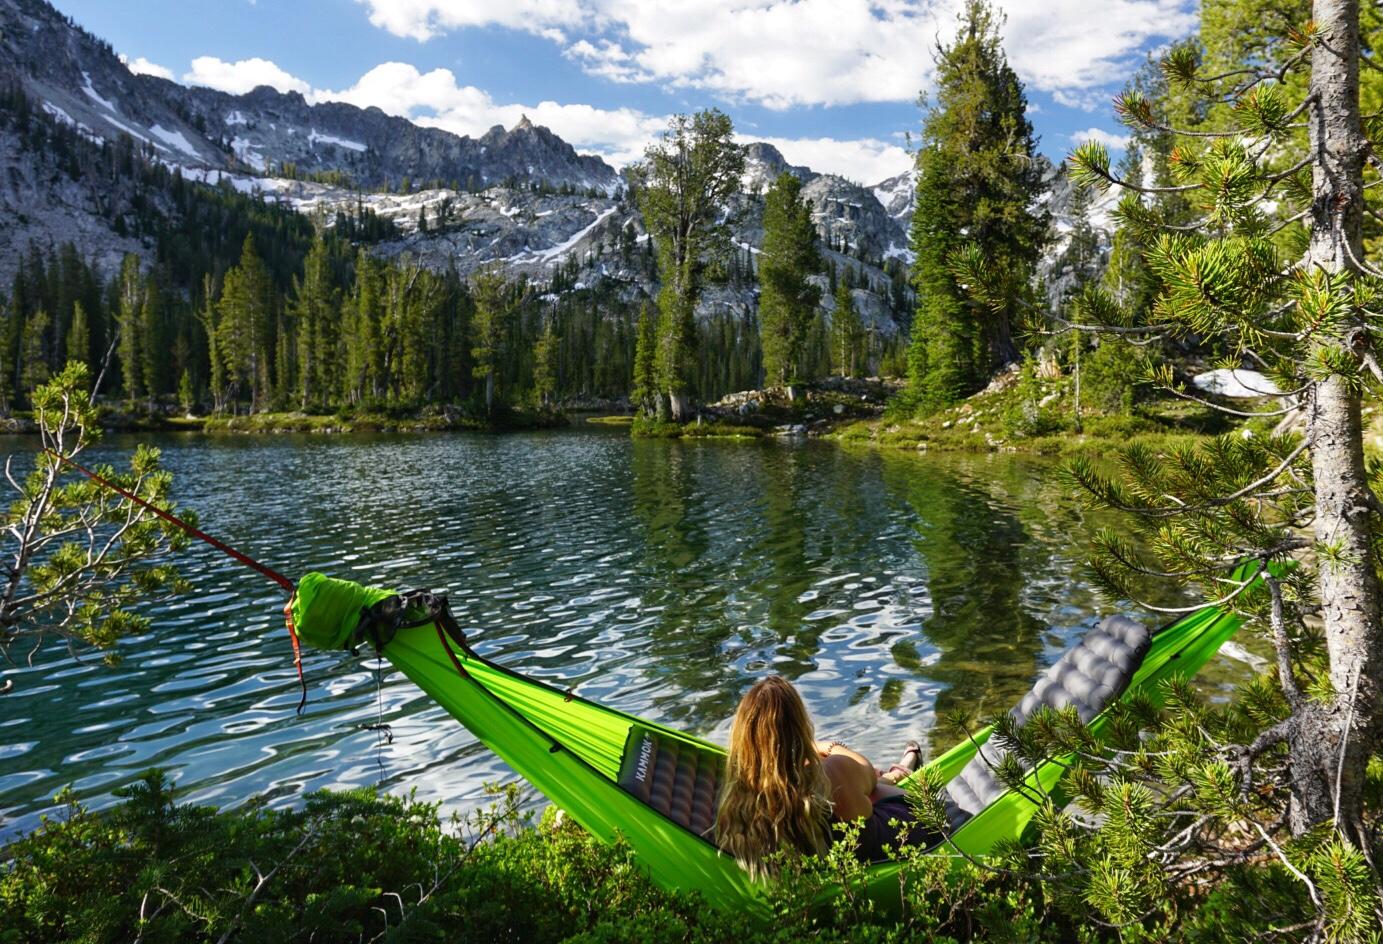 Hammock camping at Alice Lake Stanley Idaho.